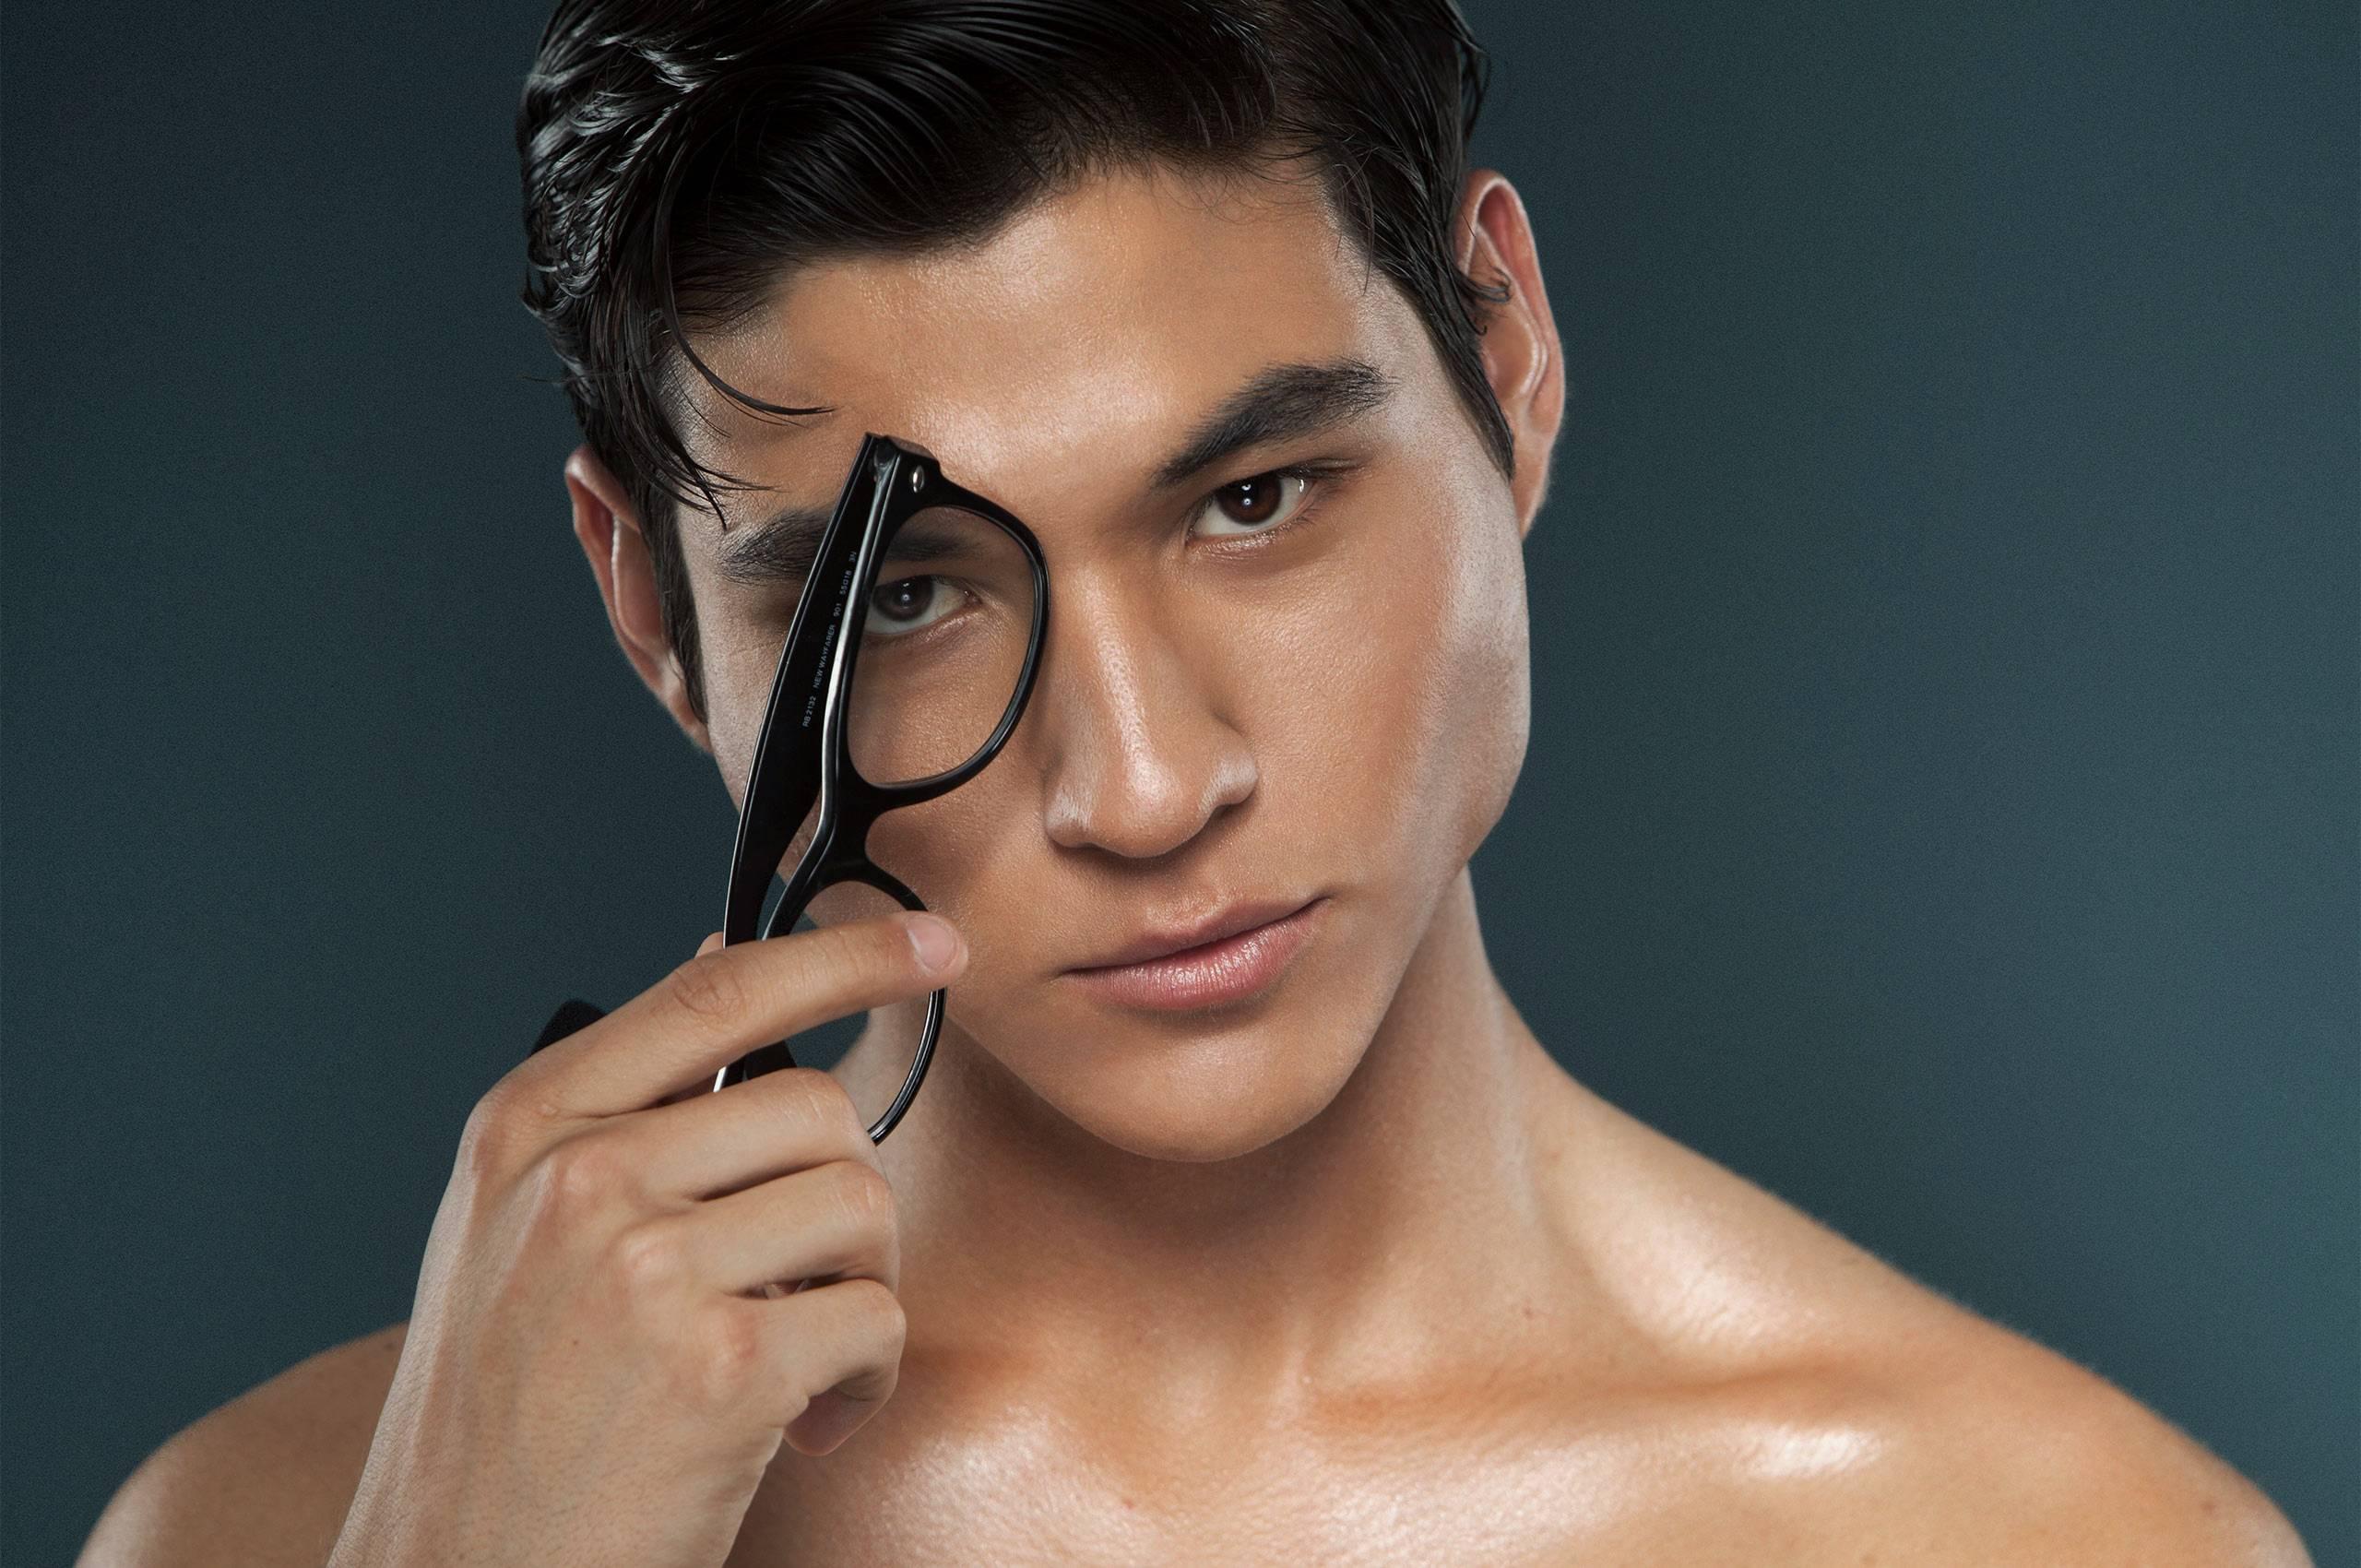 _MG_5991_guy_glasses.jpg